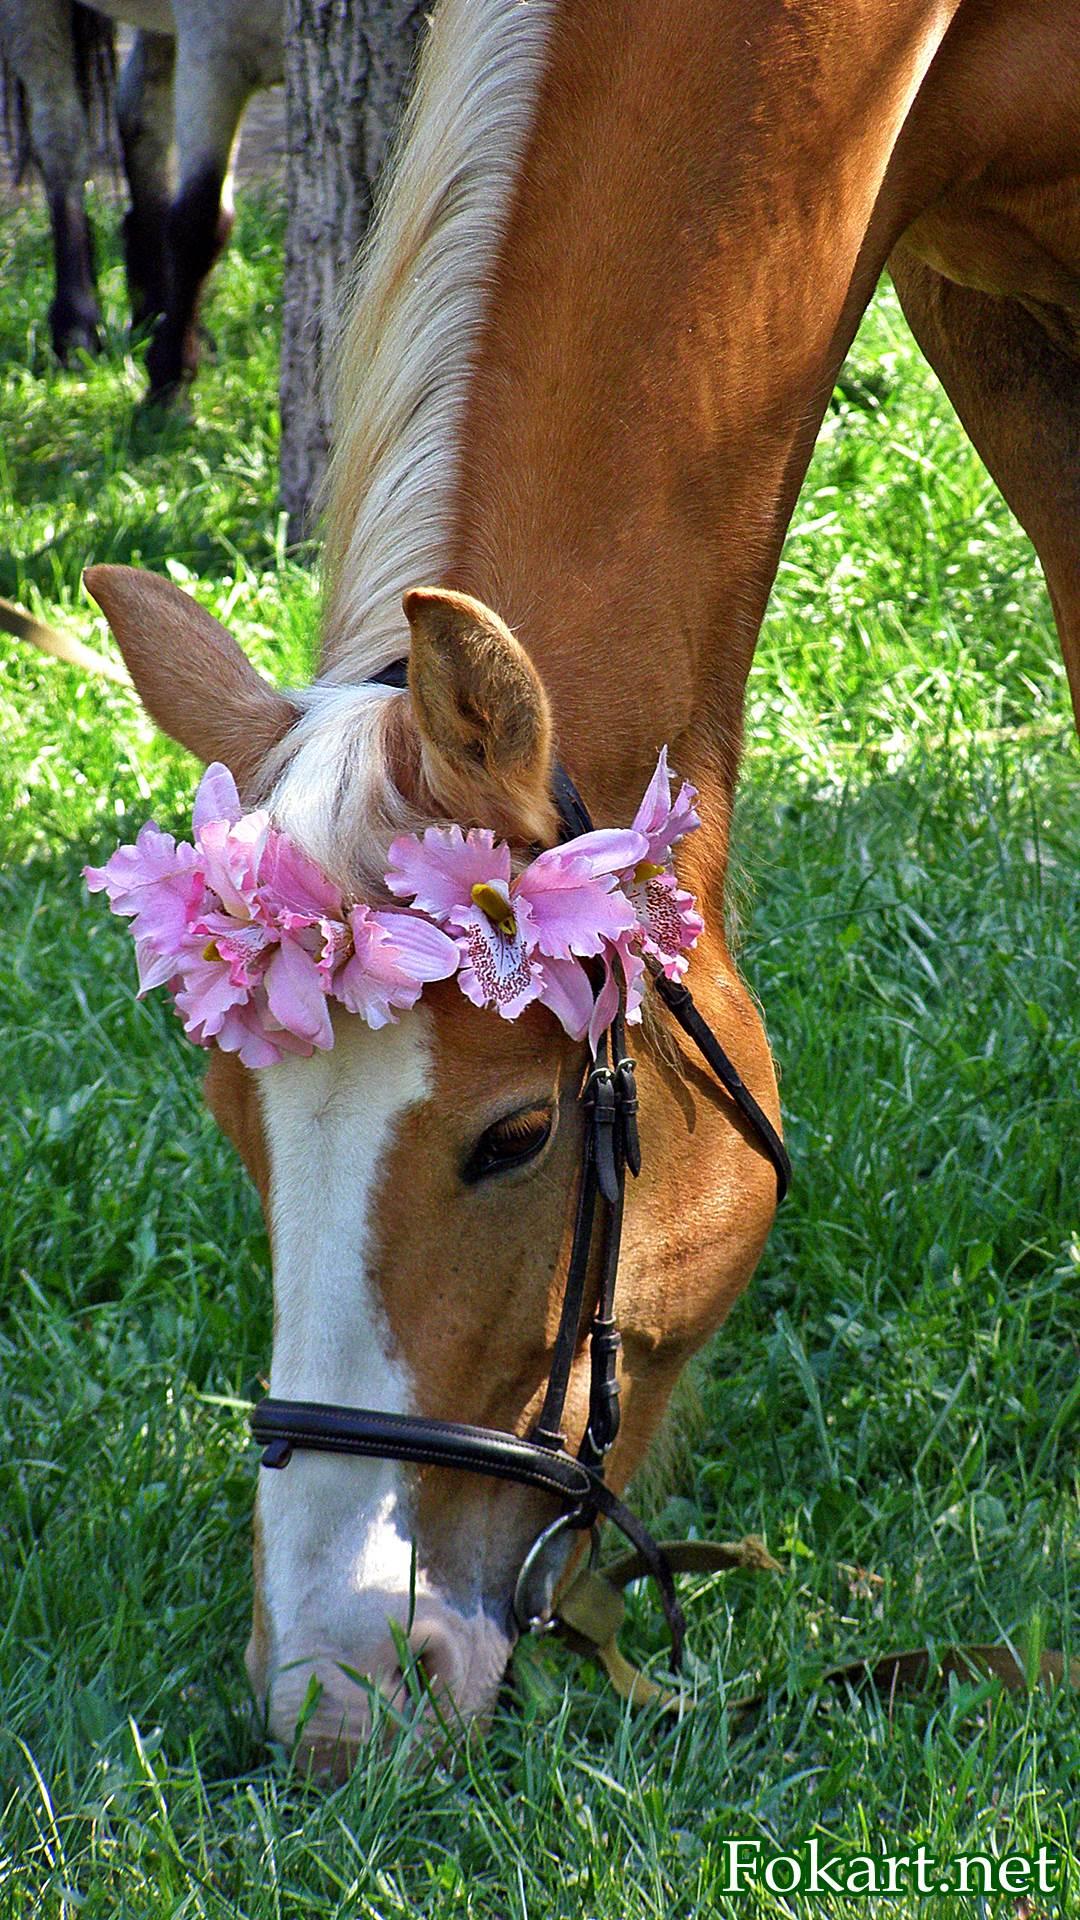 Рыжая лошадь в розовом веночке ест траву